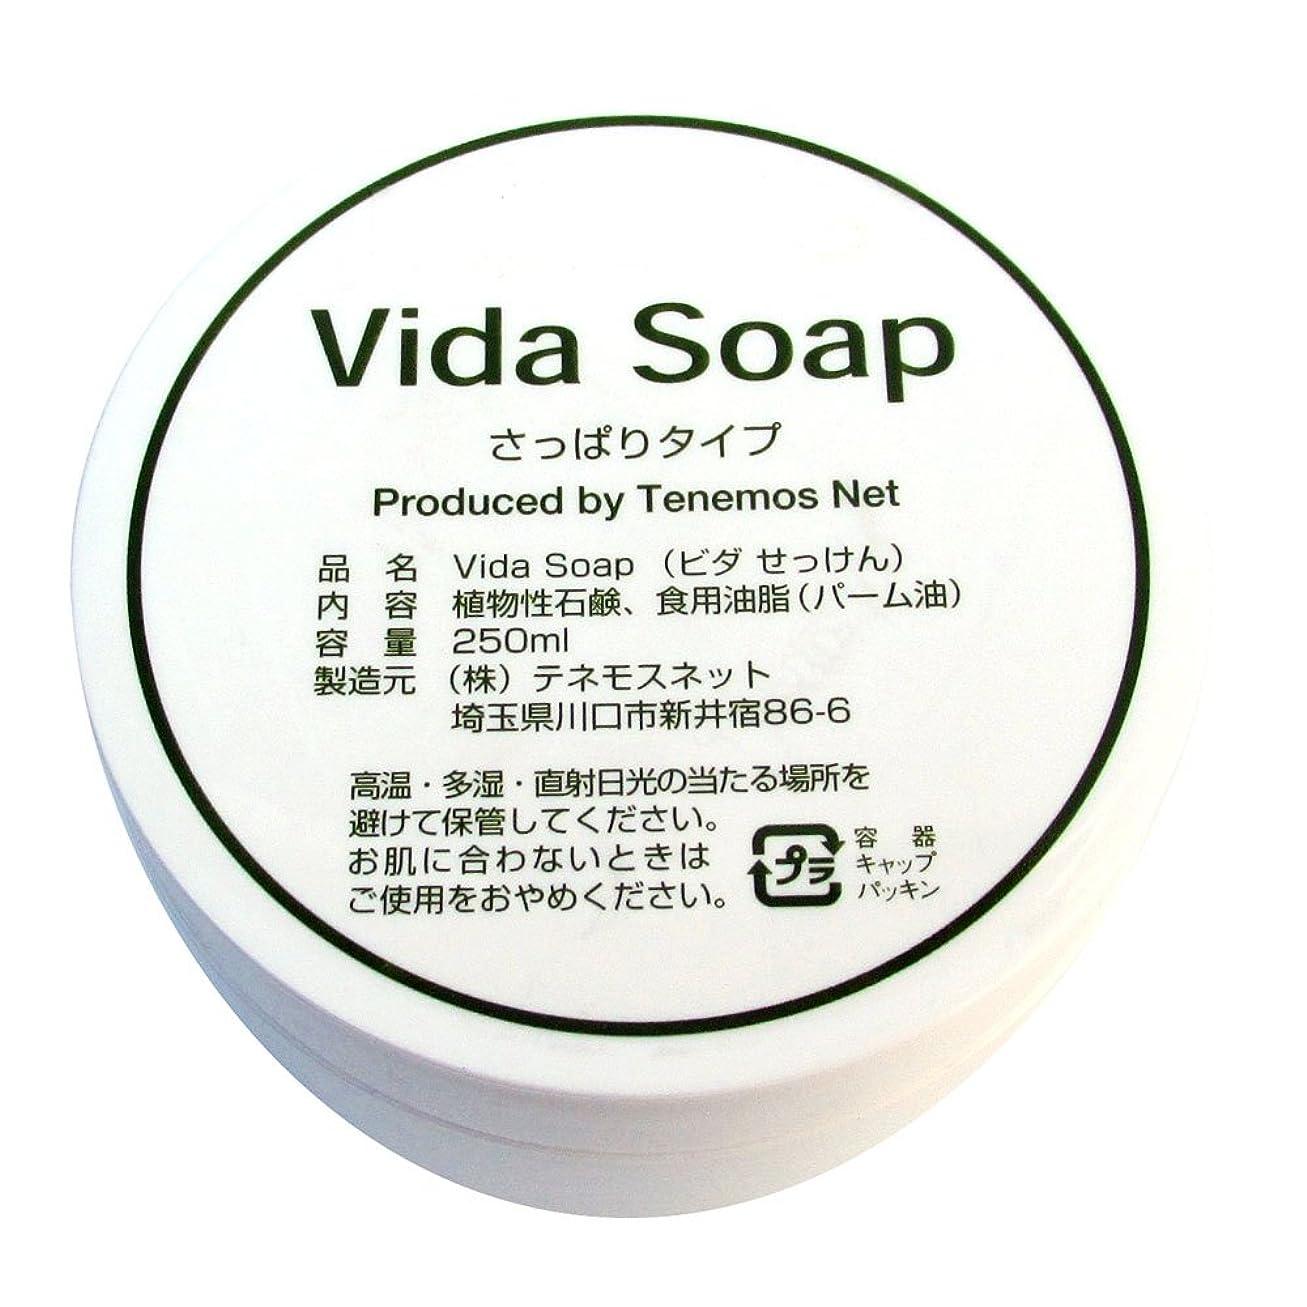 厳密に恋人欲望テネモス ビダせっけん Vida Soap さっぱりノーマル 植物性 250ml